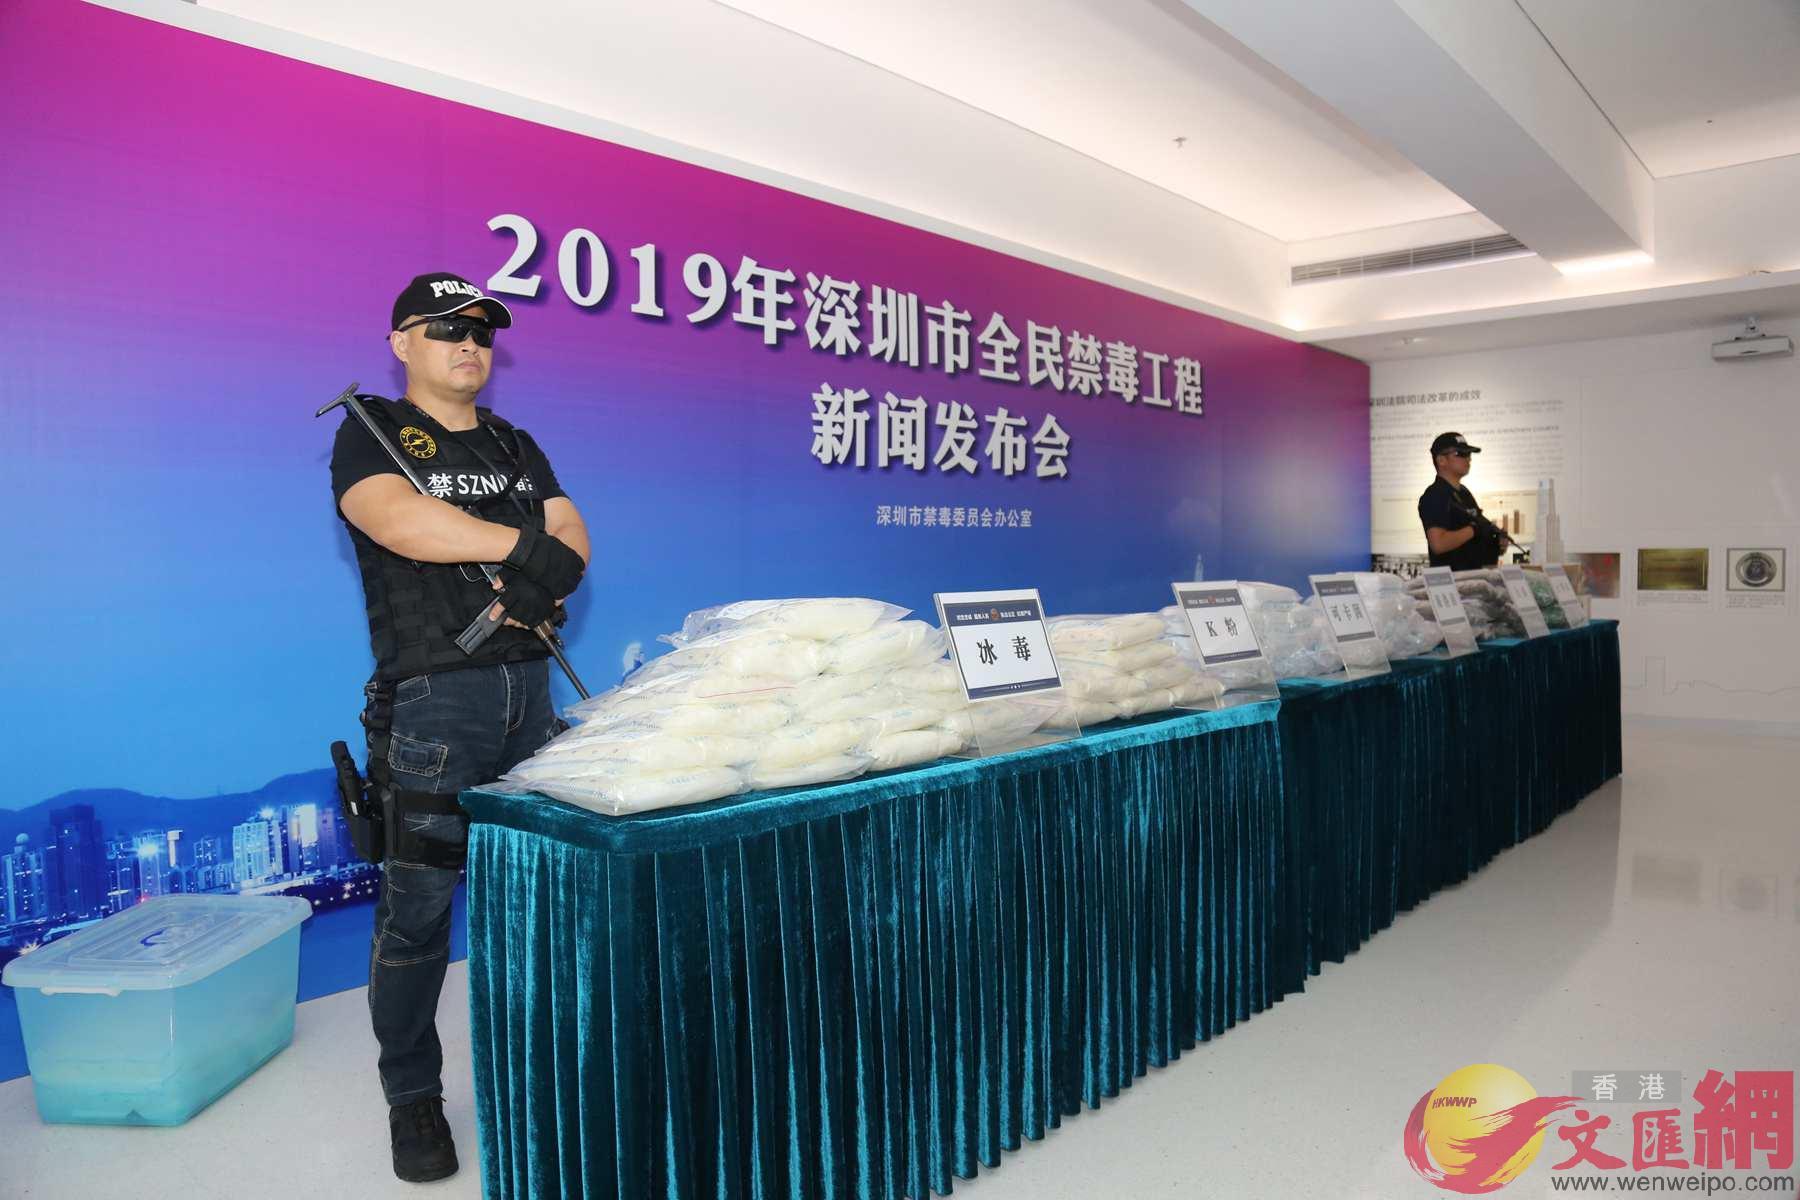 深圳全年繳獲各類毒品2.76噸(記者石華攝)